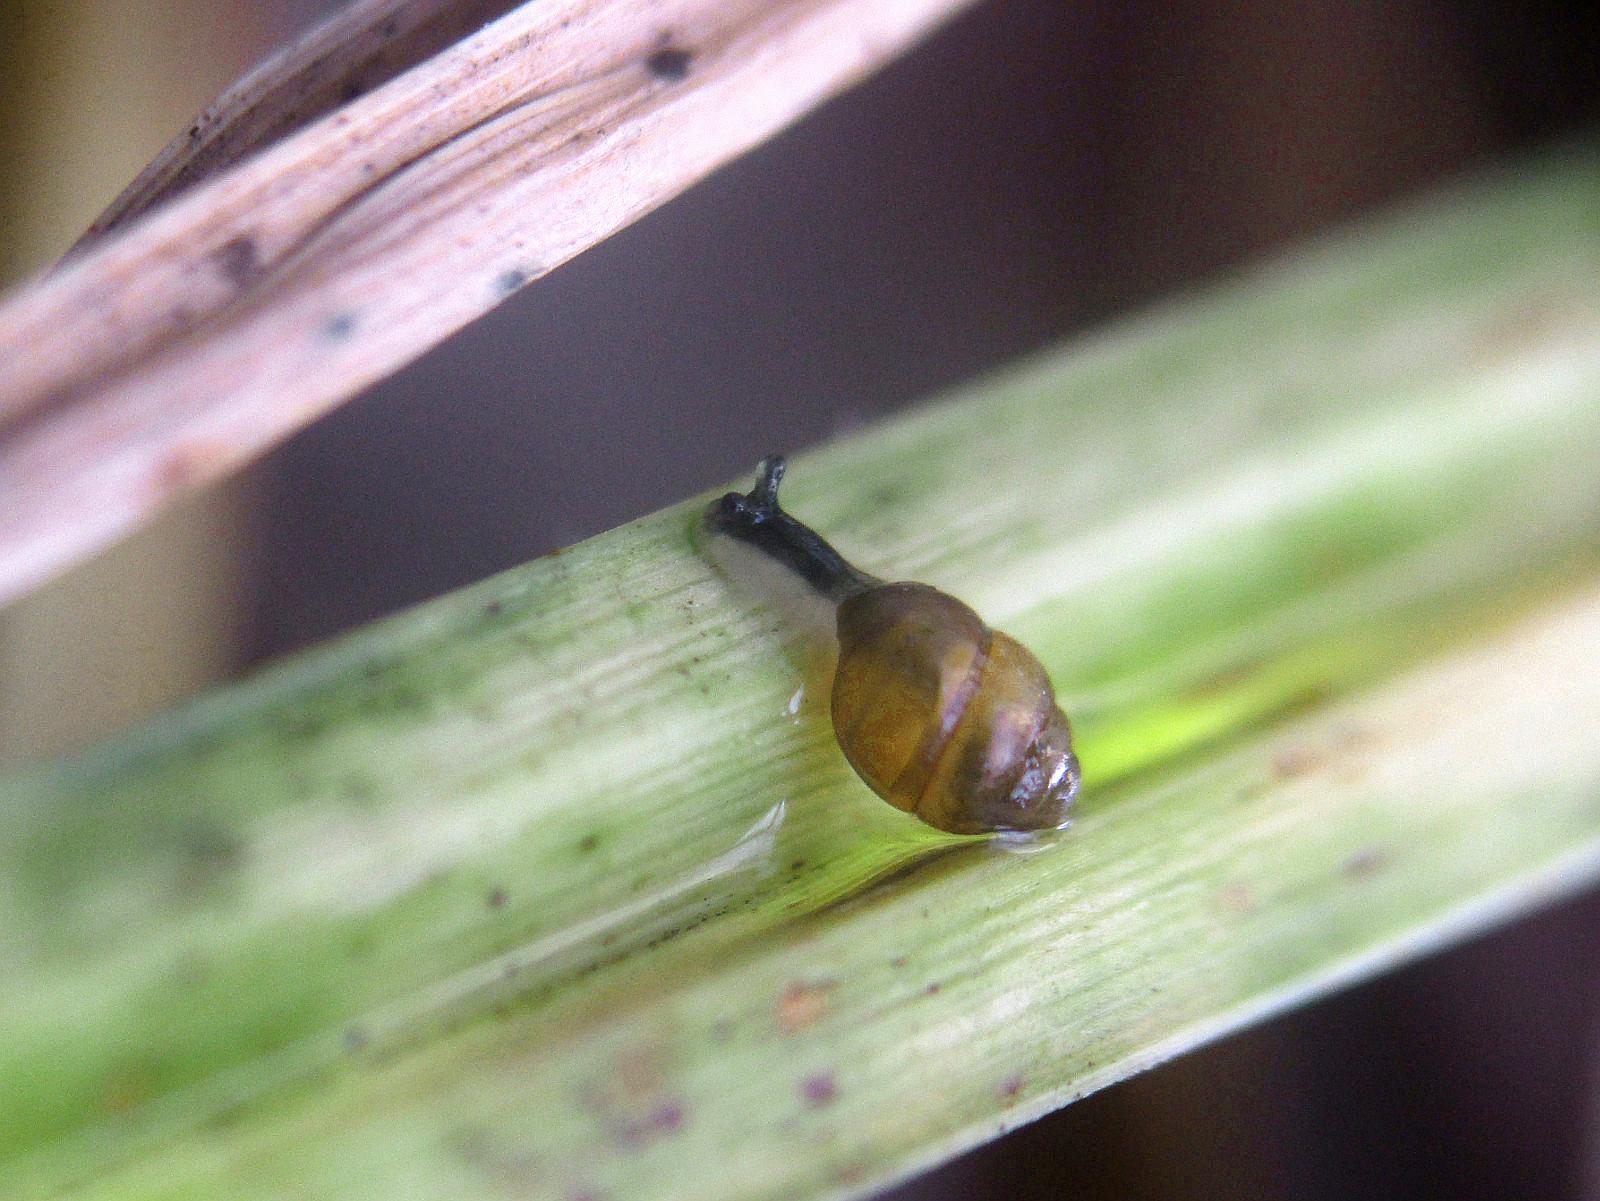 Die streng geschützte und vom Aussterben bedrohte Bauchige Windelschnecke (Vertigo moulinsiana) wurde unmittelbar am Gleiskörper entdeckt